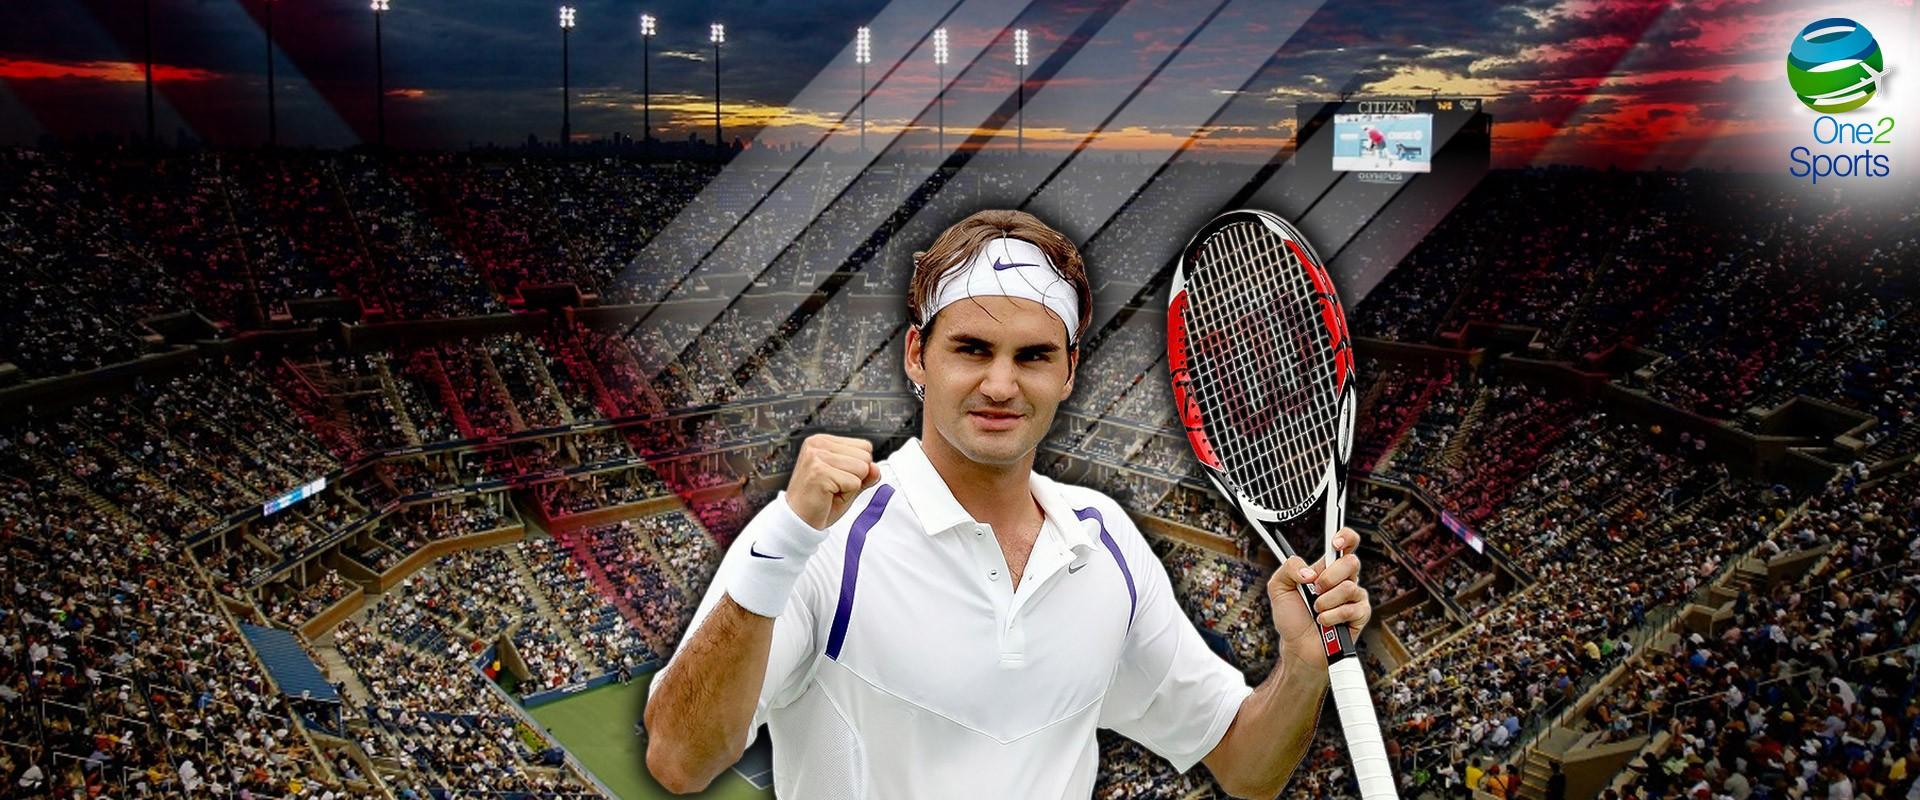 Federer se coloca primero en la Carrera de Campeones tras imponerse en Miami